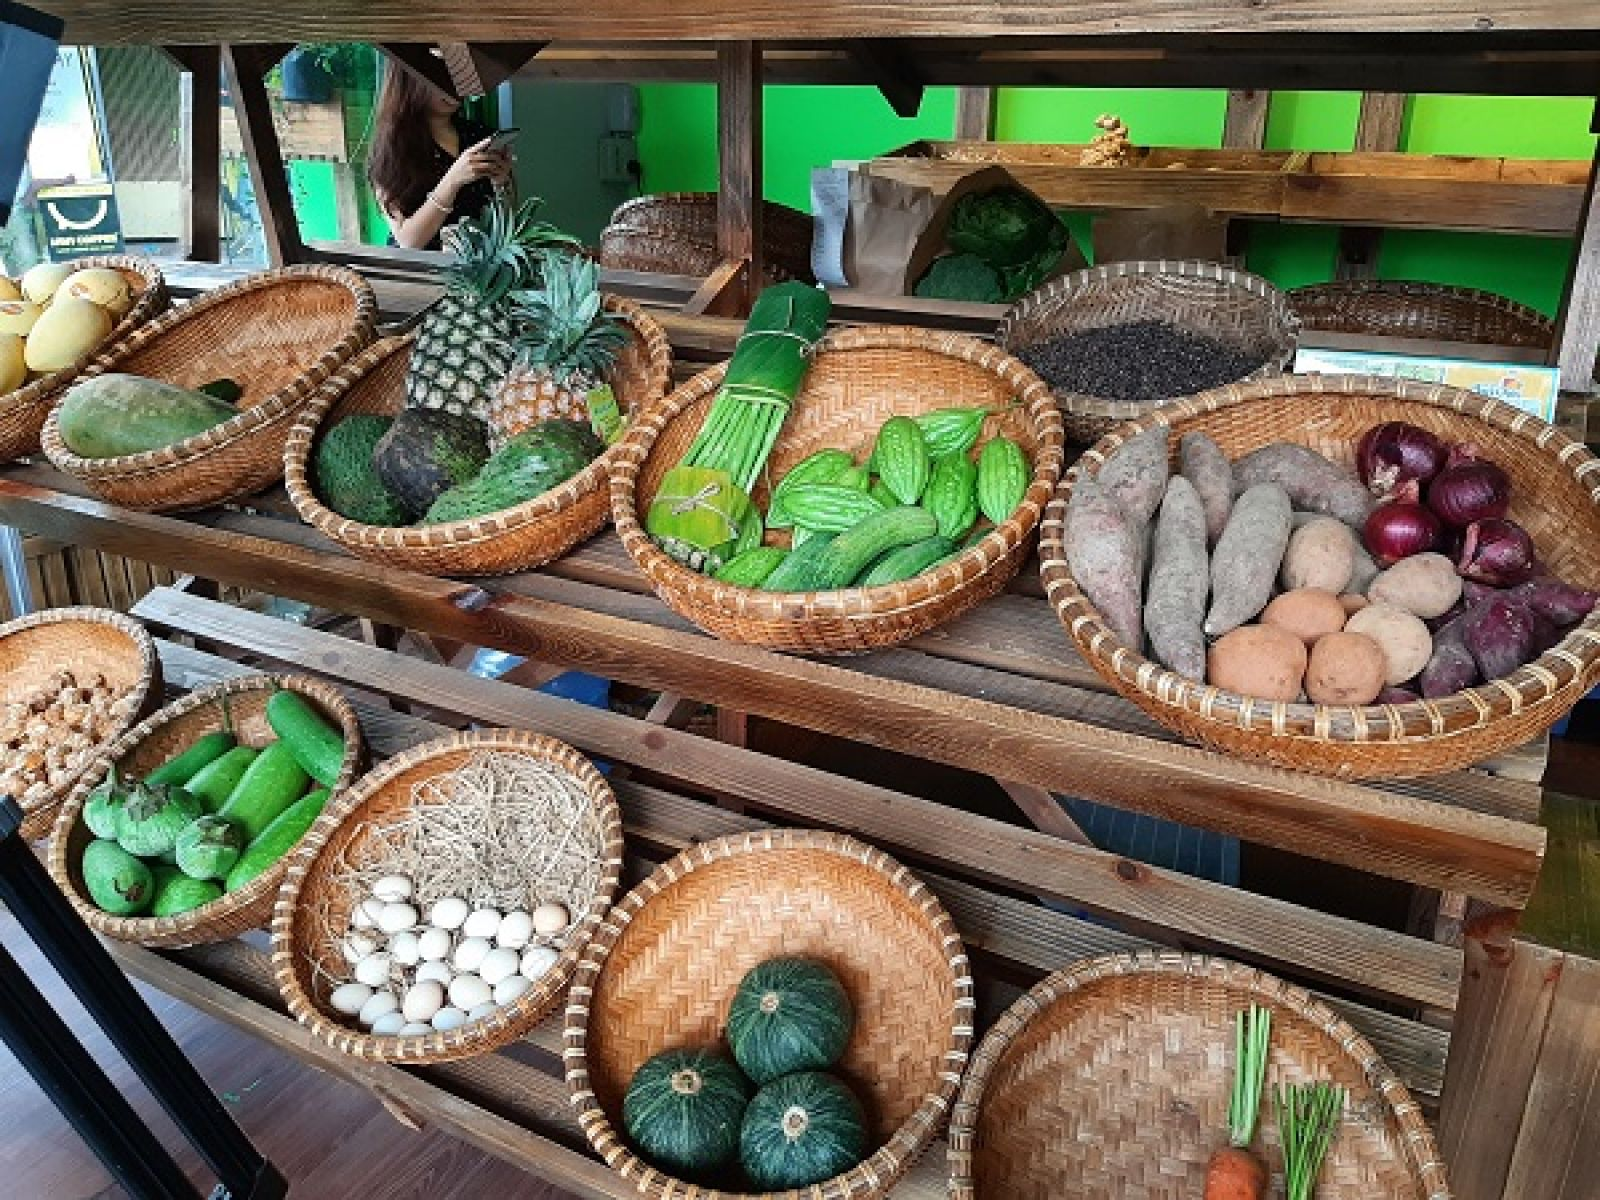 Các mặt hàng nông sản được trưng bày vào các rỗ tre gợi nhớ về một góc chợ quê xa xưa.